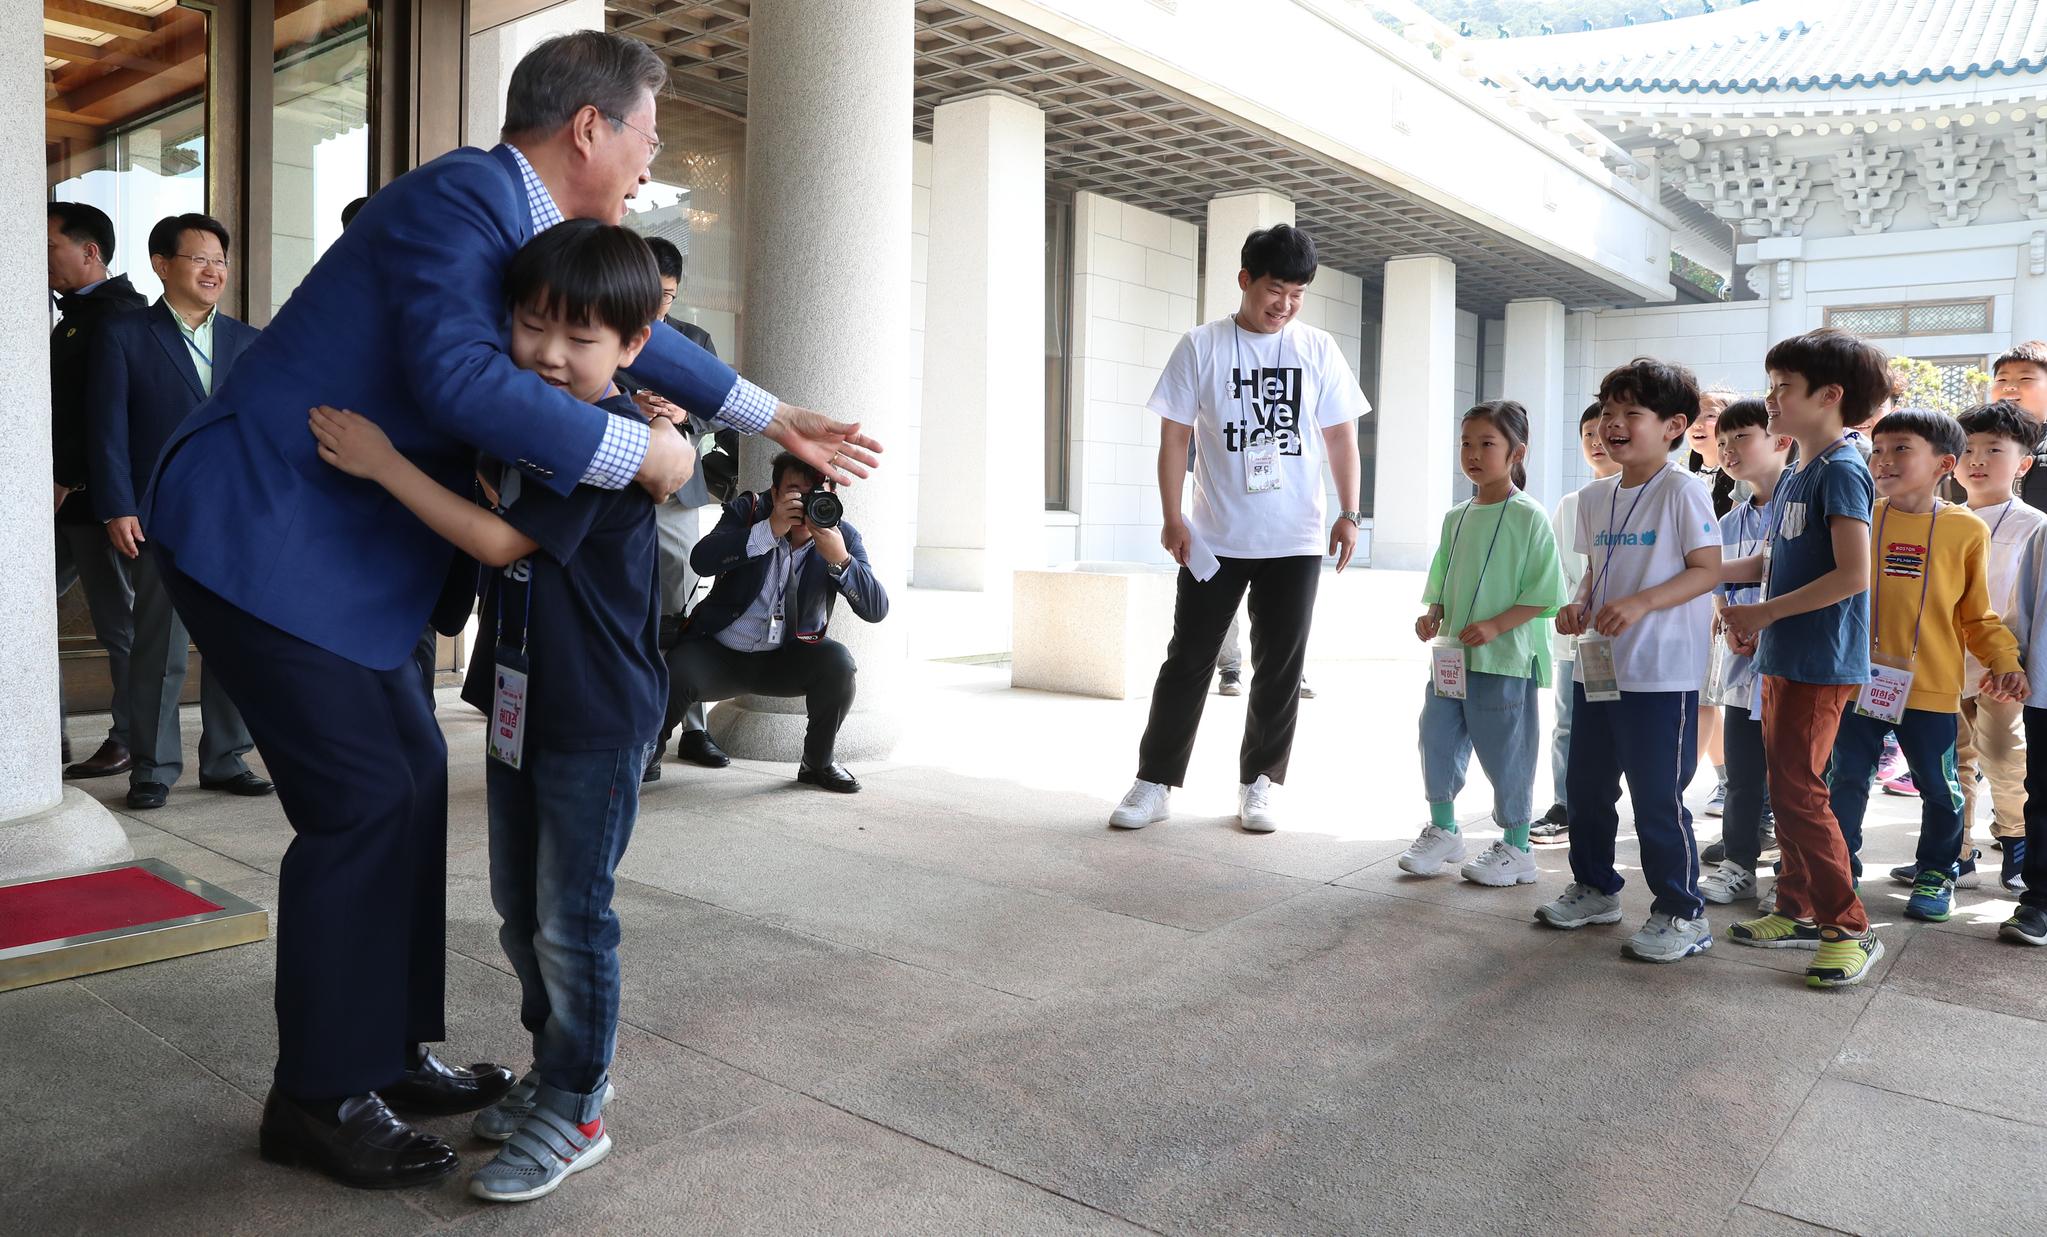 문재인 대통령이 5일 청와대 본관 앞에서 한 어린이를 안아주며 뒤따라 오던 아이들도 맞이하고 있다. 청와대사진기자단